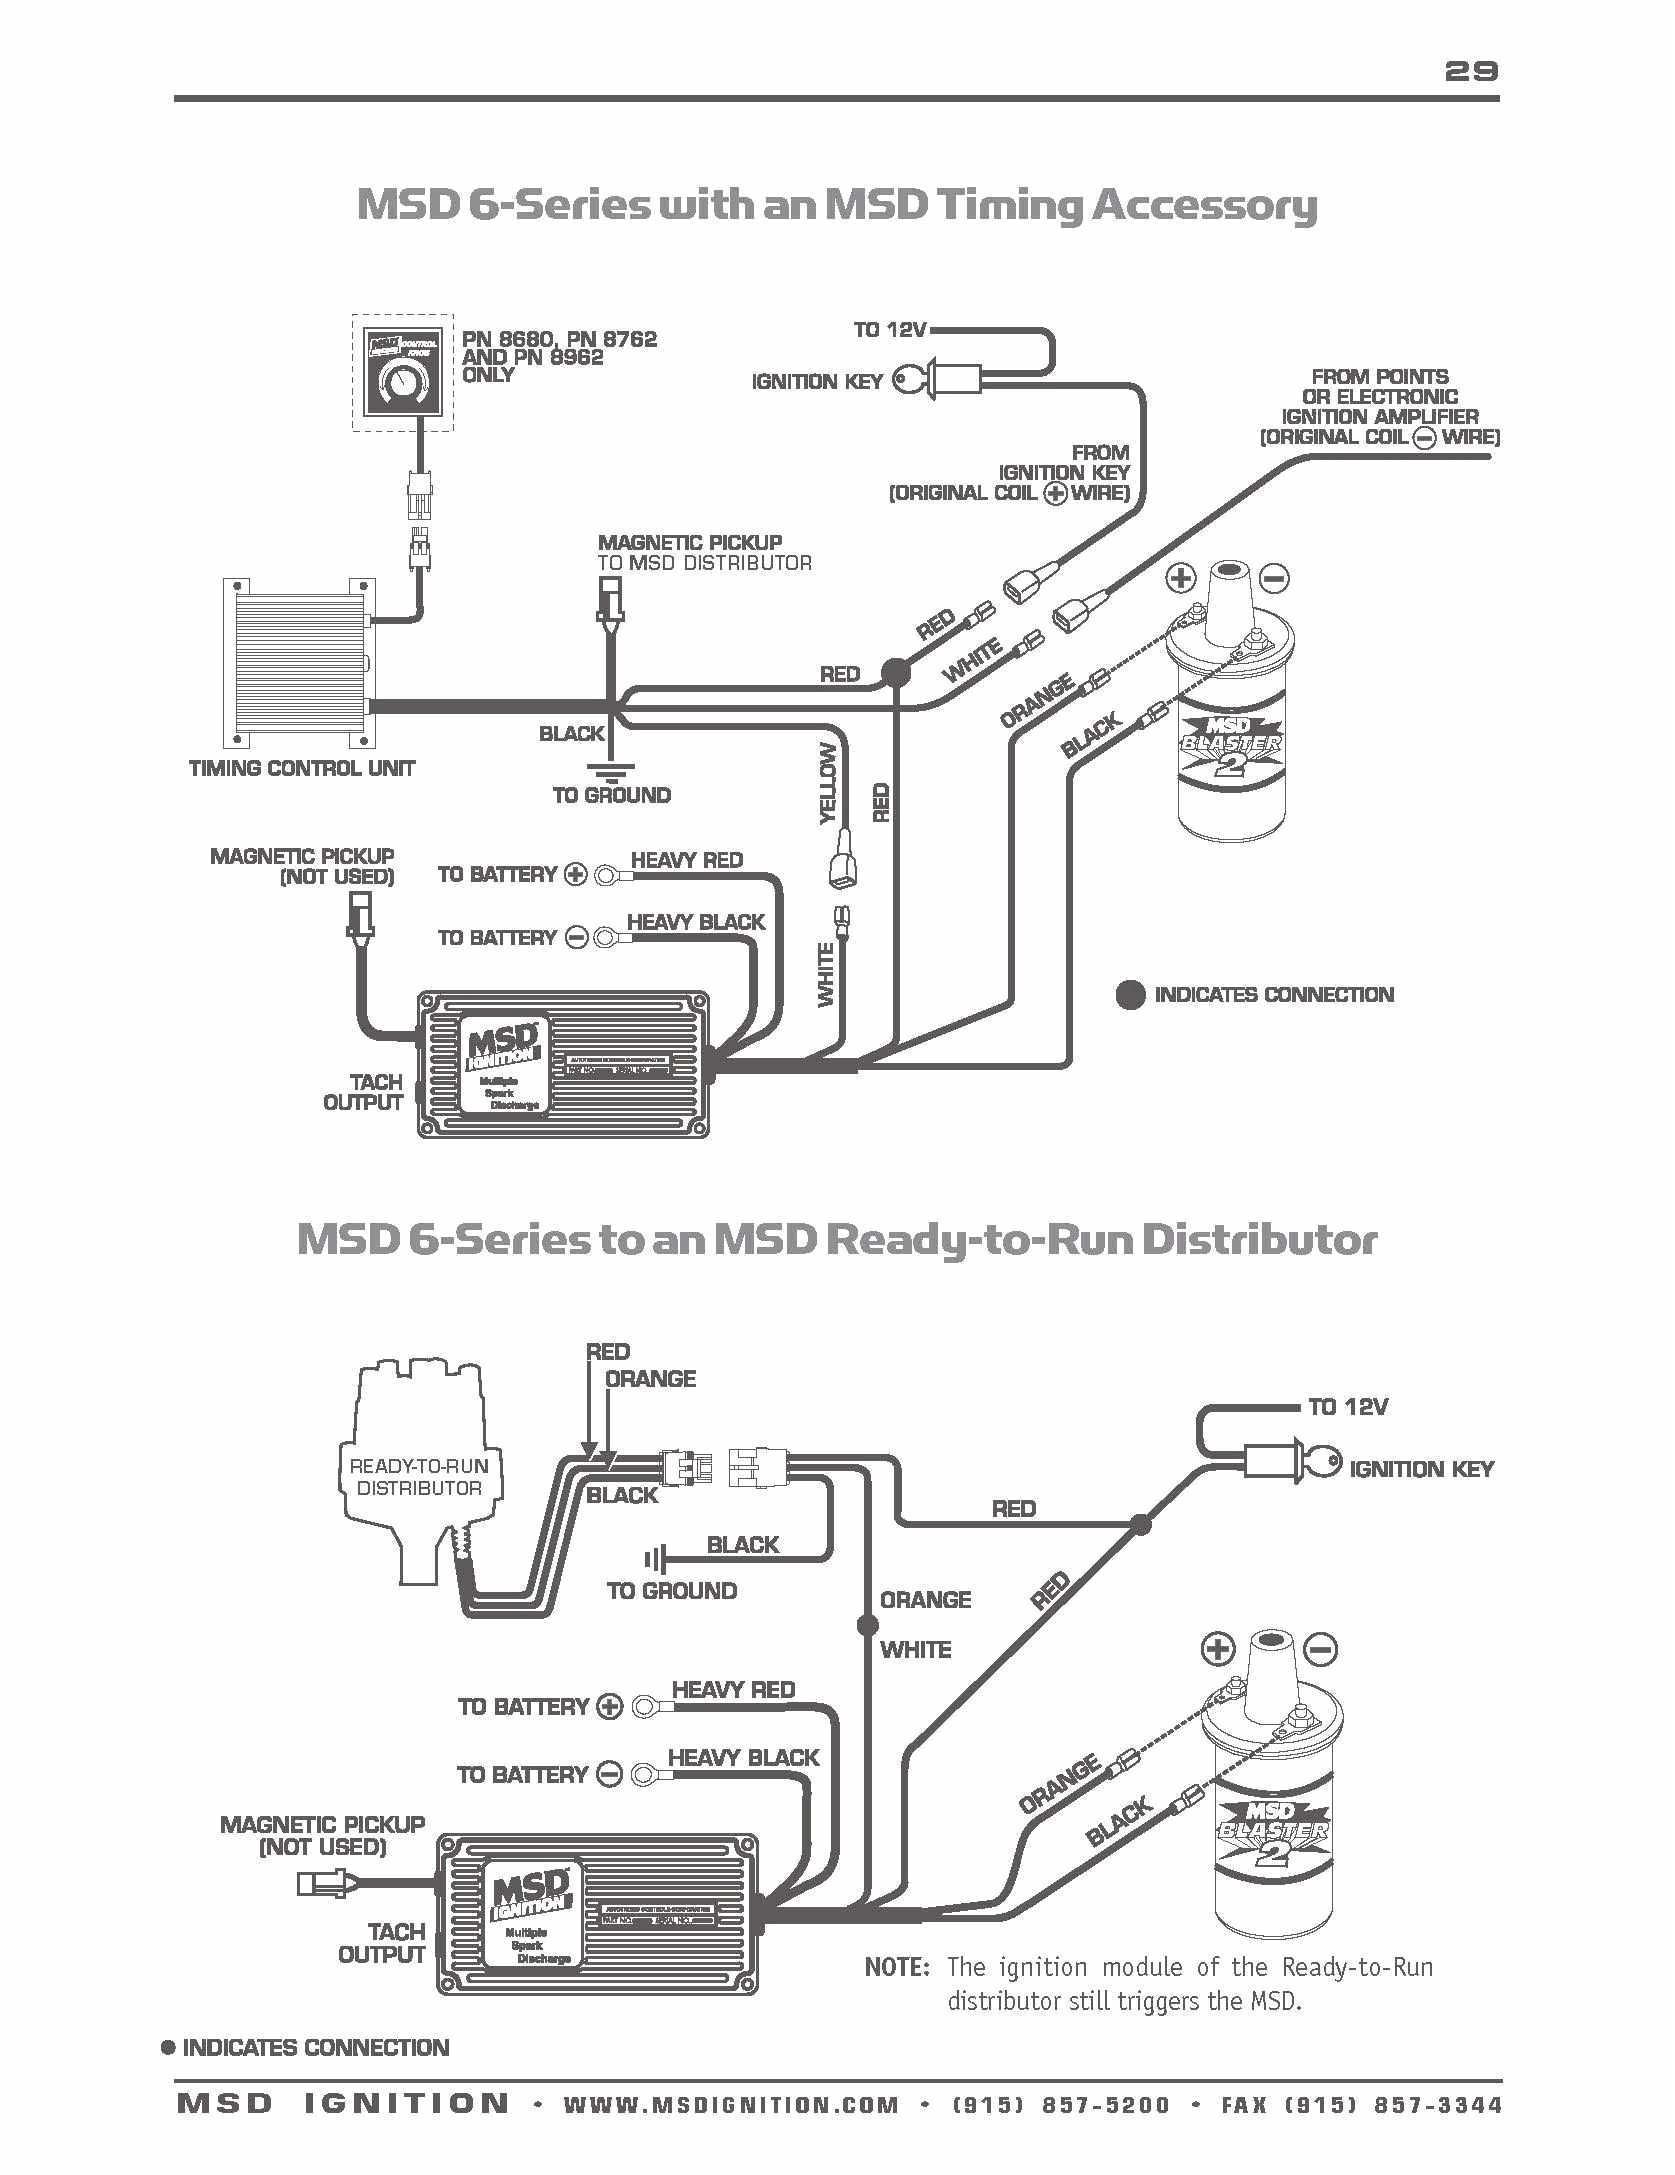 Msd 8350 Wiring Diagram Msd 8350 Wiring Diagram ford Wiring Diagram